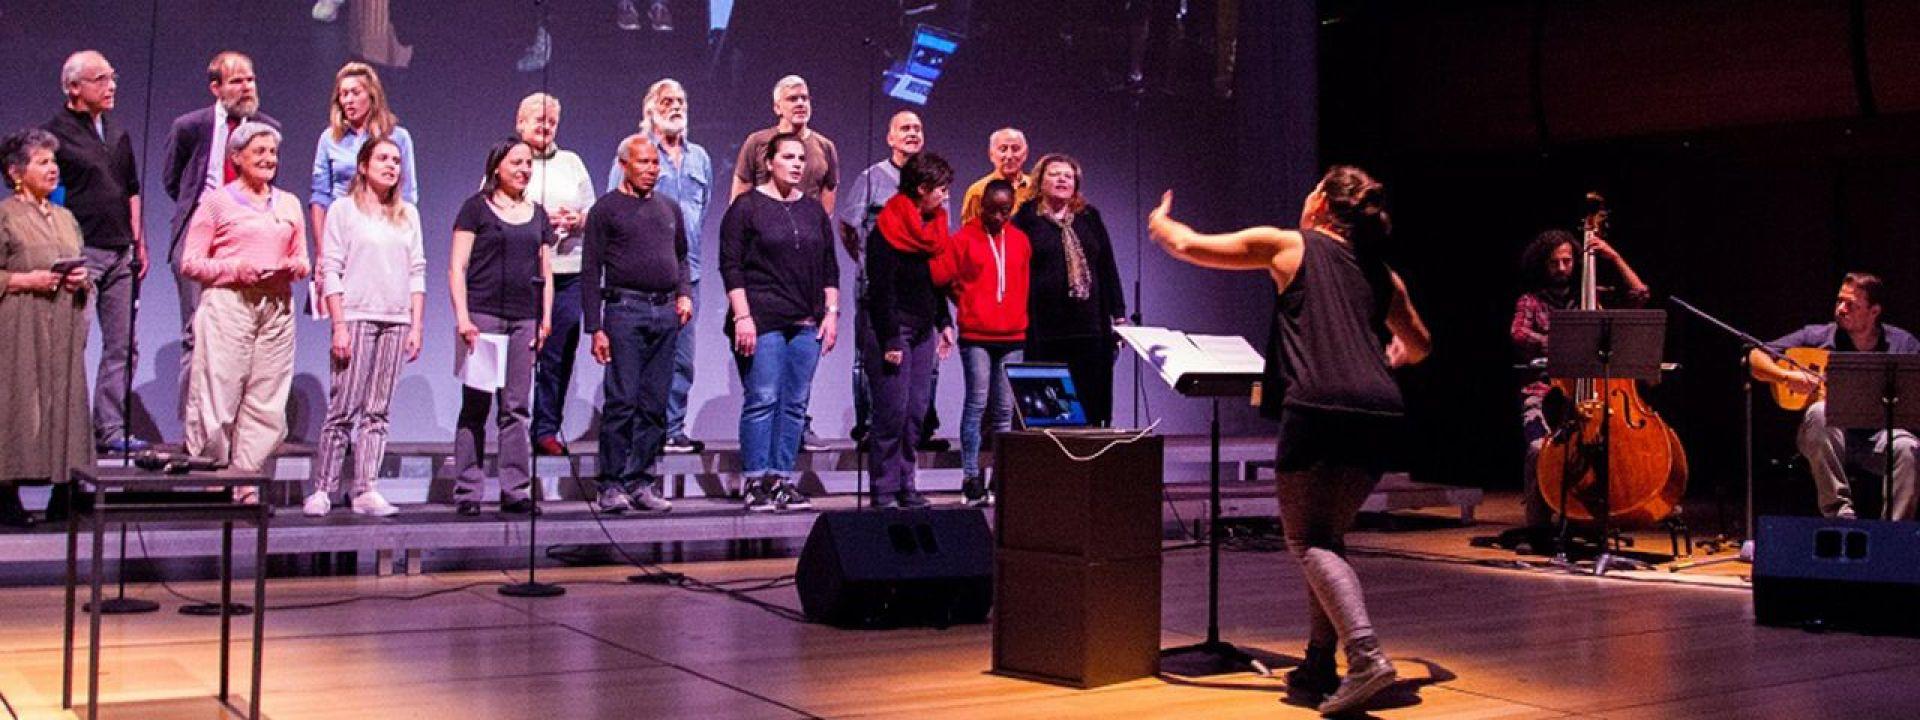 Φωτογραφία από την διαπολιτισμική χορωδία της ΕΛΣ